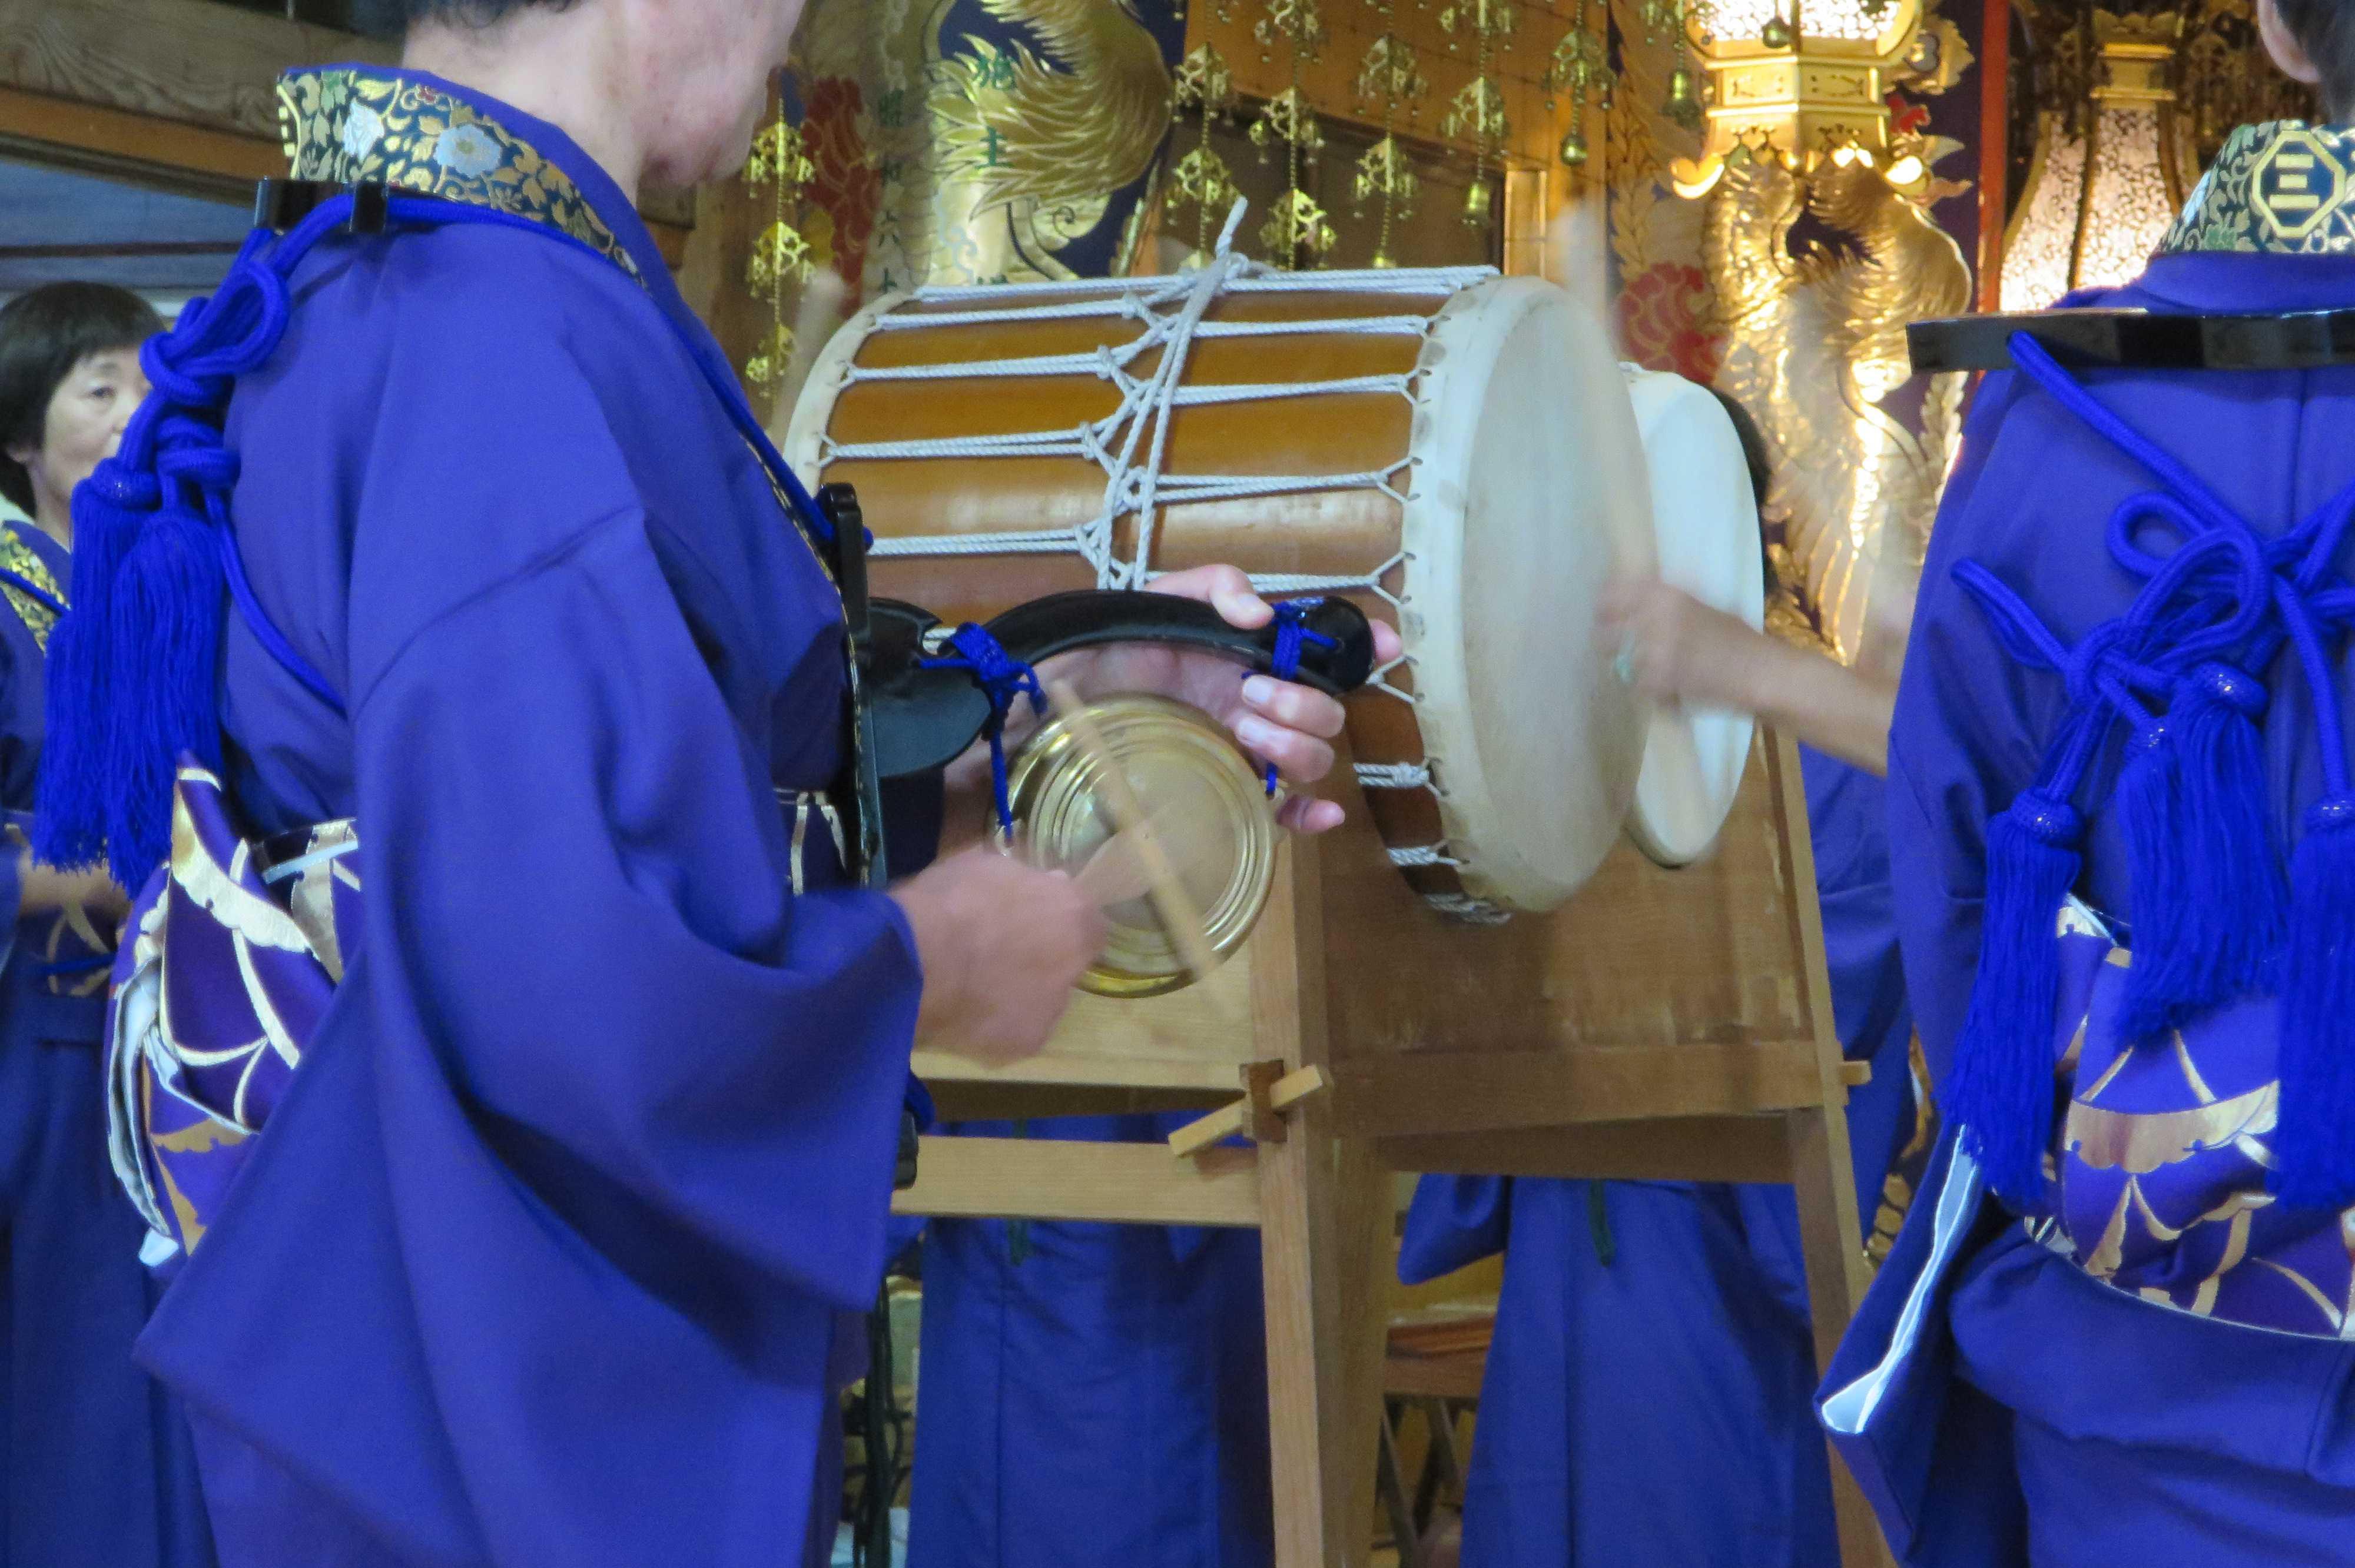 無量光寺の踊り念仏 - 足を踏み、足を跳ね上げ回ります。